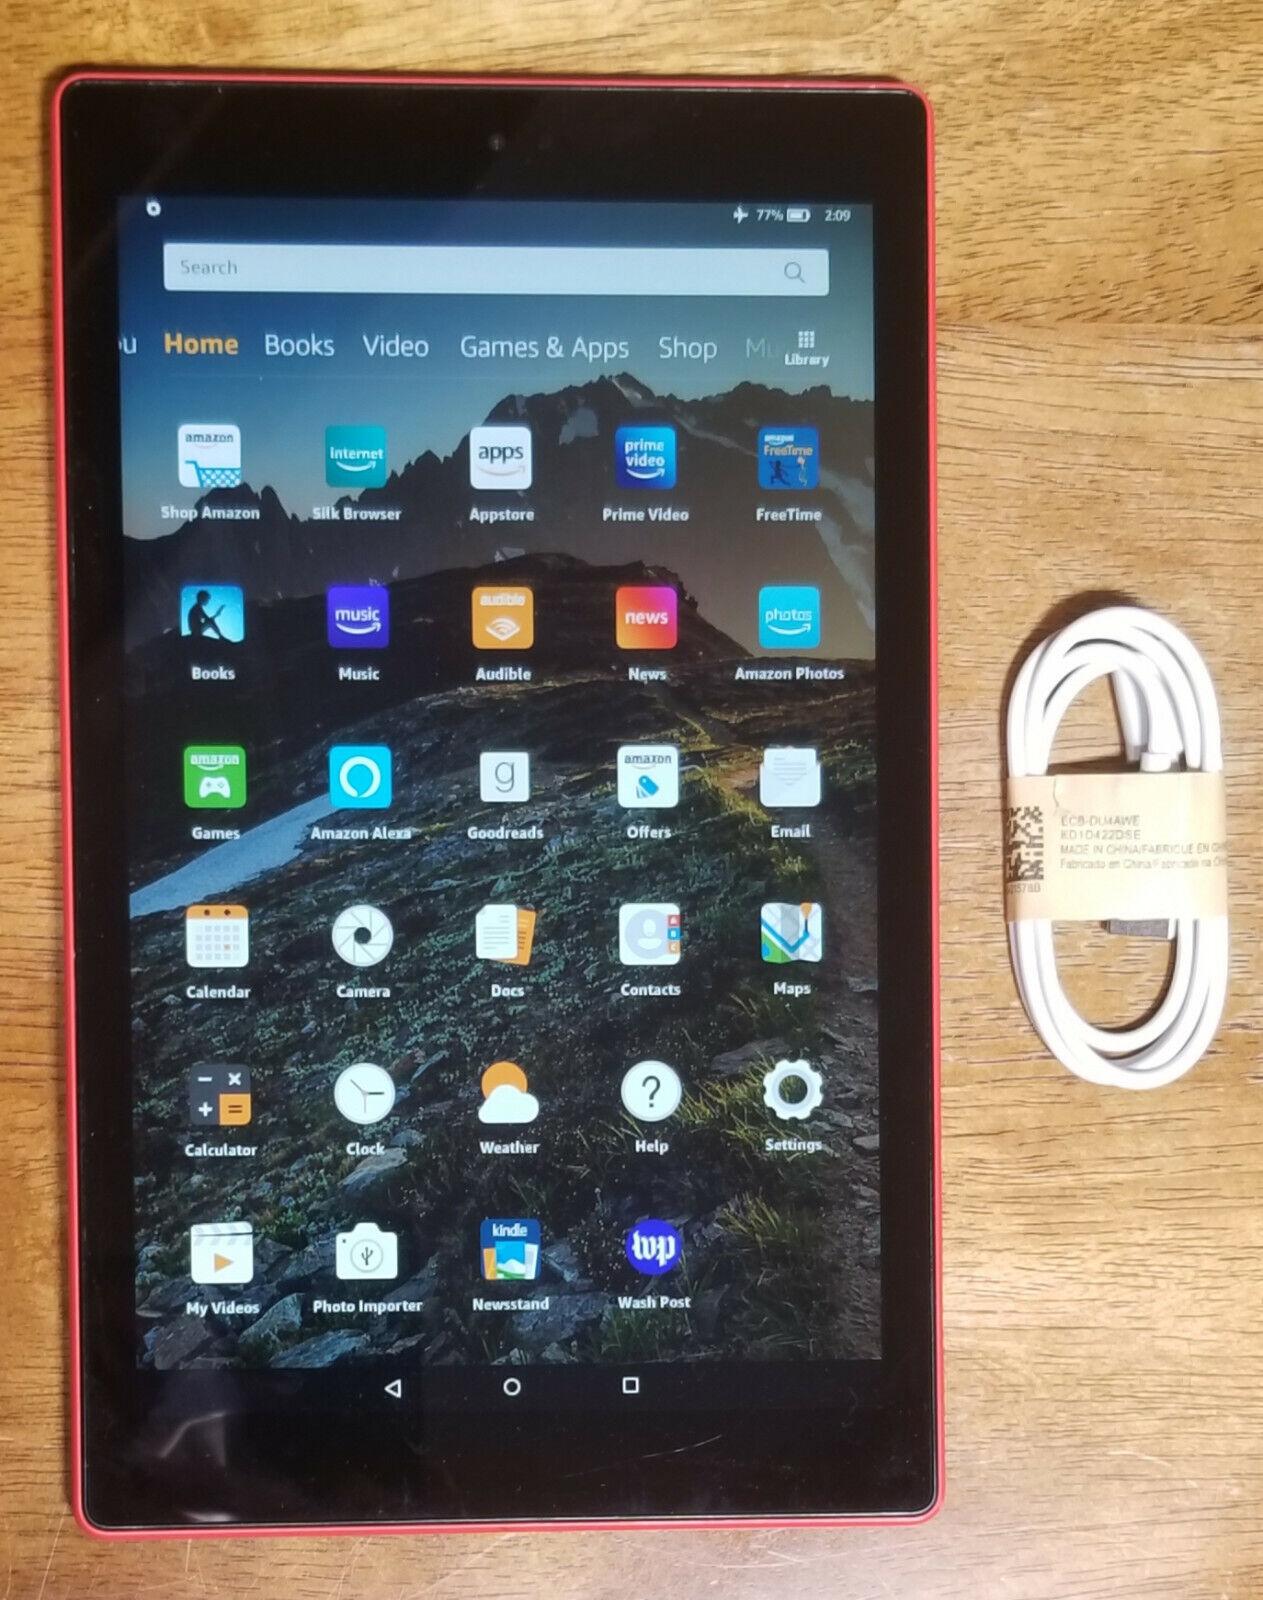 Black All-New Fire HD 10 Tablet 10.1 1080p full HD display, 32 GB